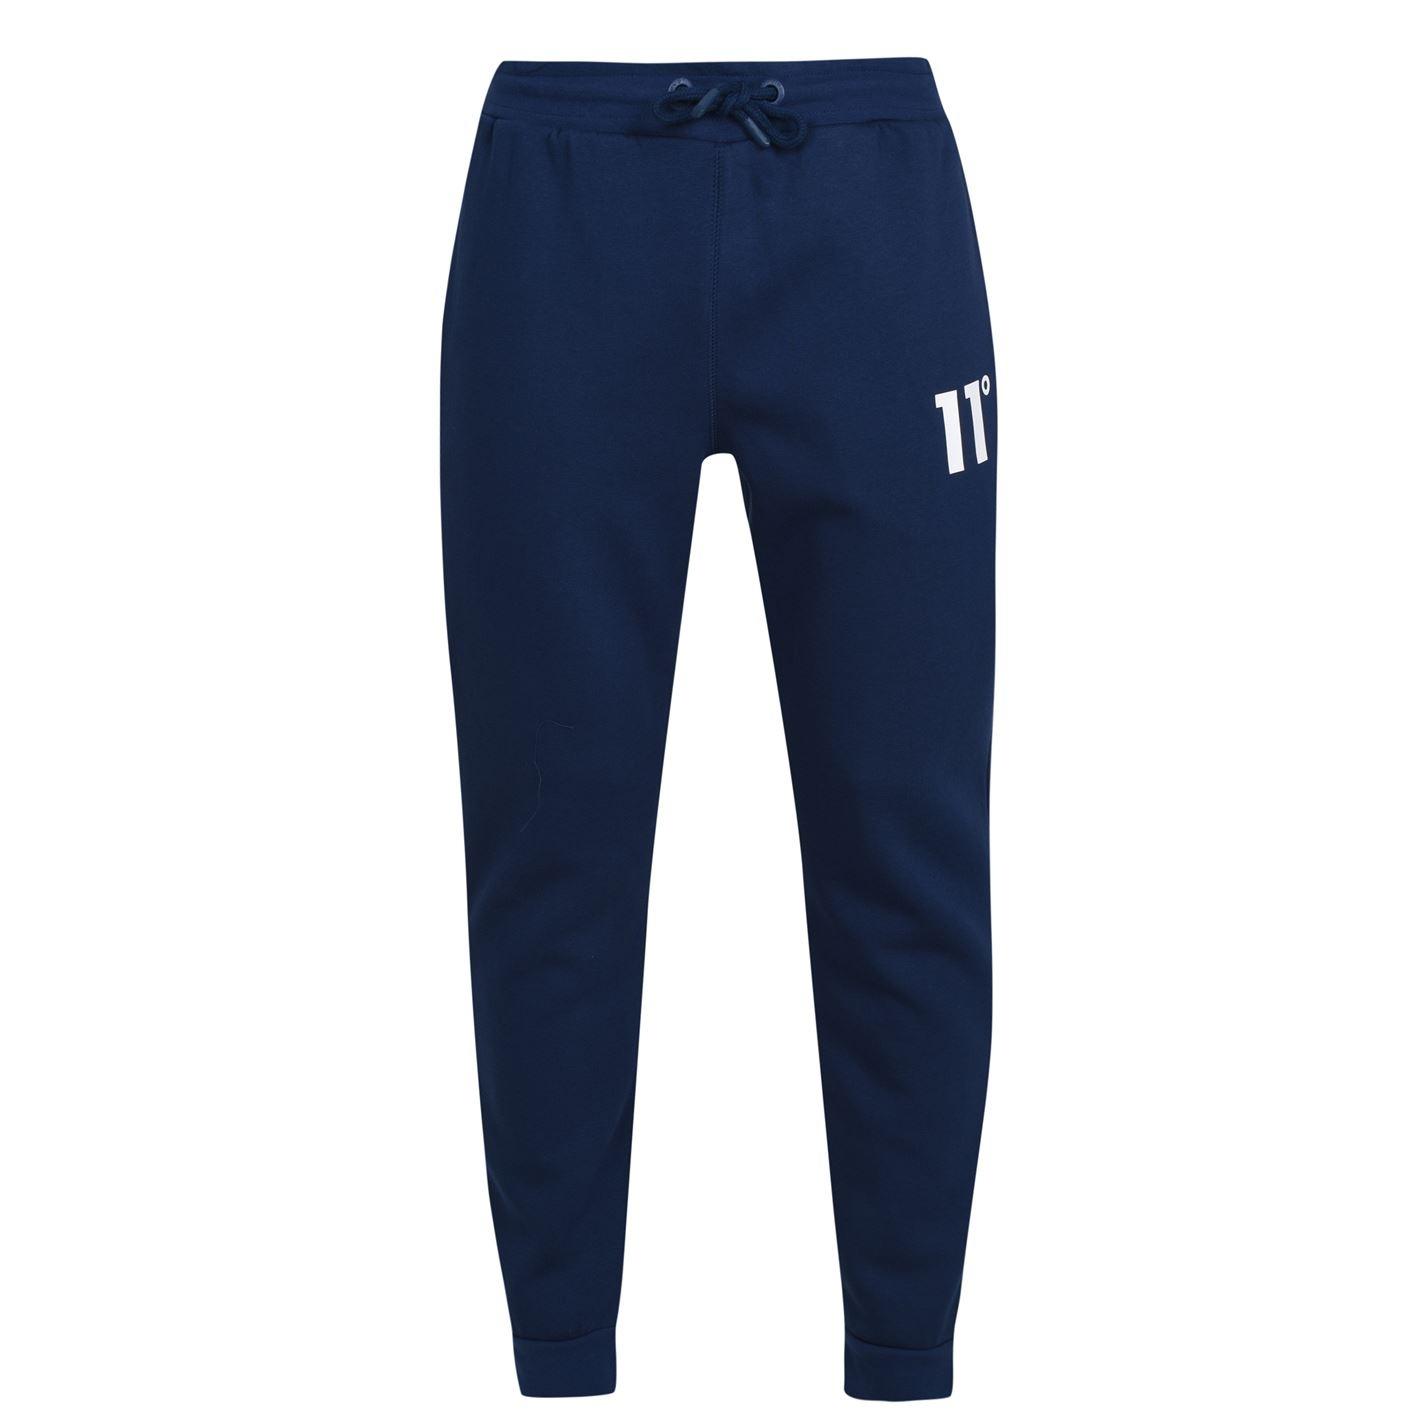 Mergi la Pantaloni jogging 11 Degrees Core bleumarin